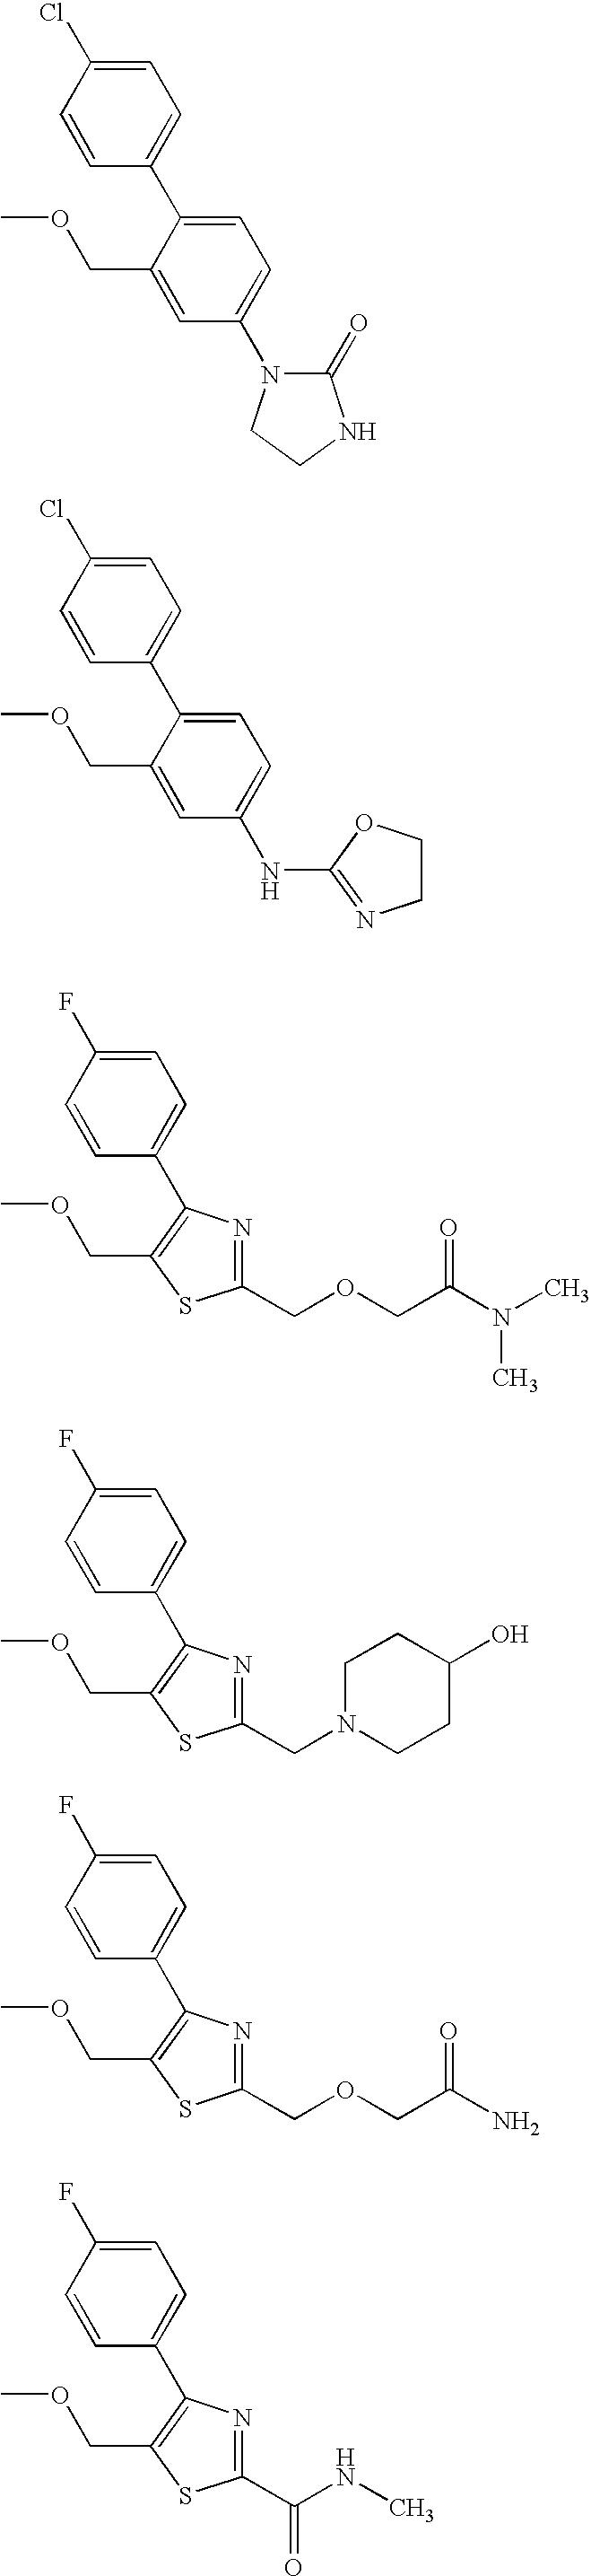 Figure US20070049593A1-20070301-C00258